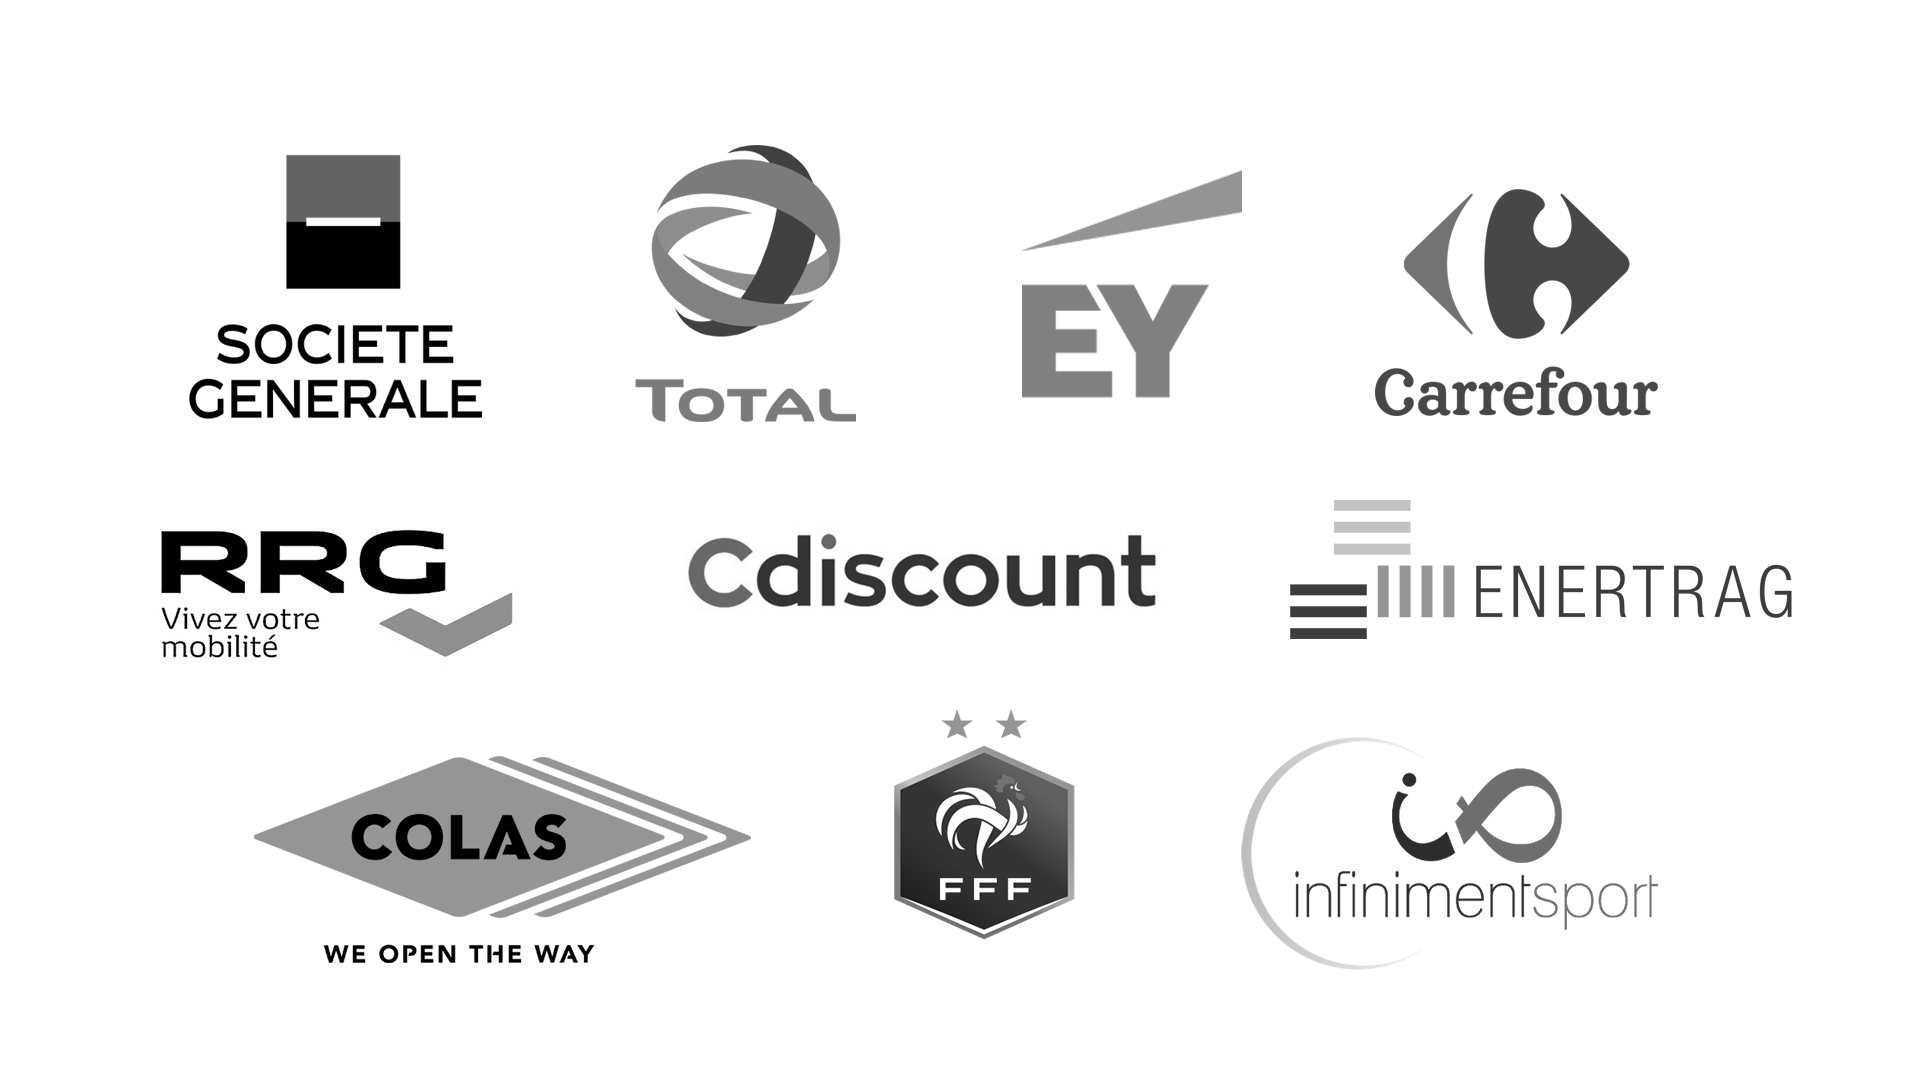 Les plus grandes entreprises ont fait leurs événements chez UrbanSoccer